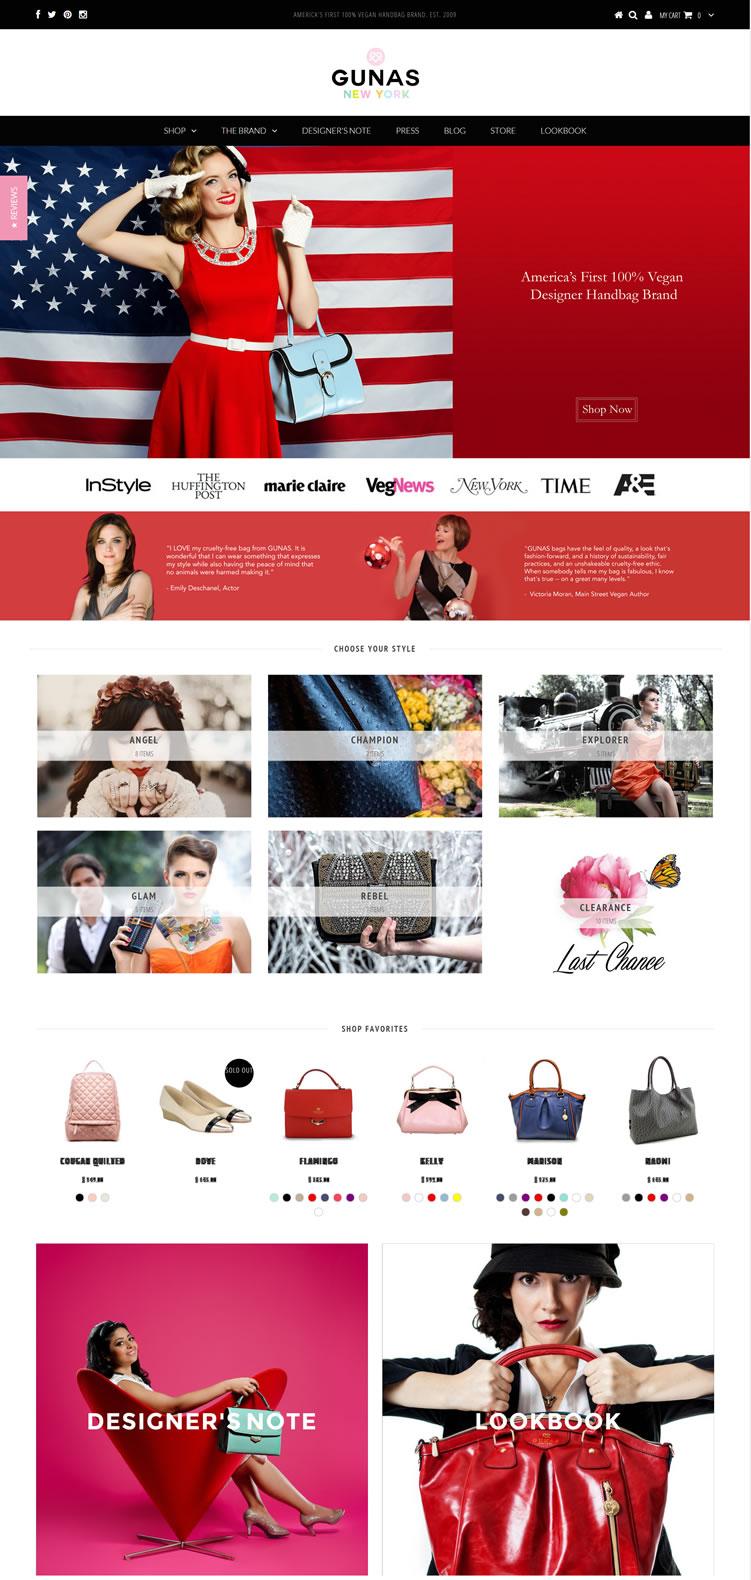 美国第一家100%不伤害动物的手袋品牌:GUNAS NEW YORK